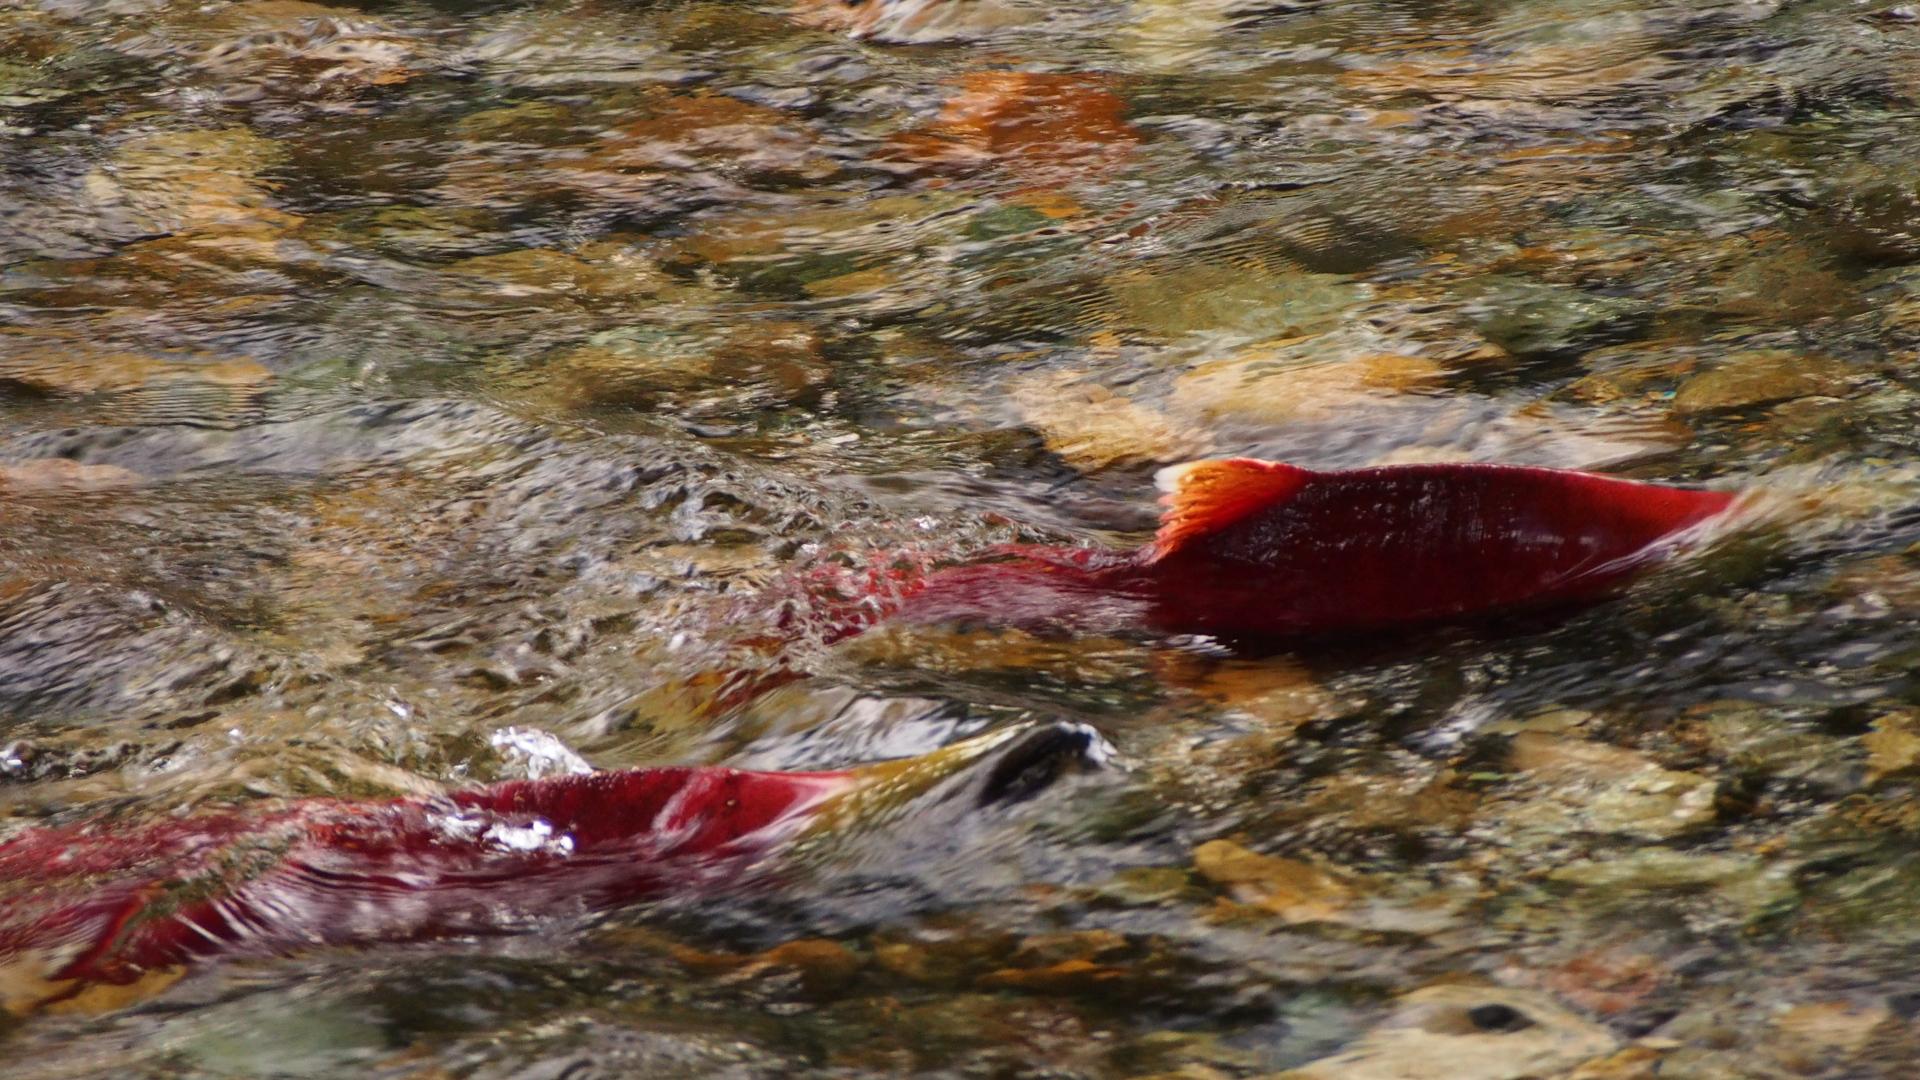 Urgency and idaho sockeye part 2 for Salmon fishing in idaho